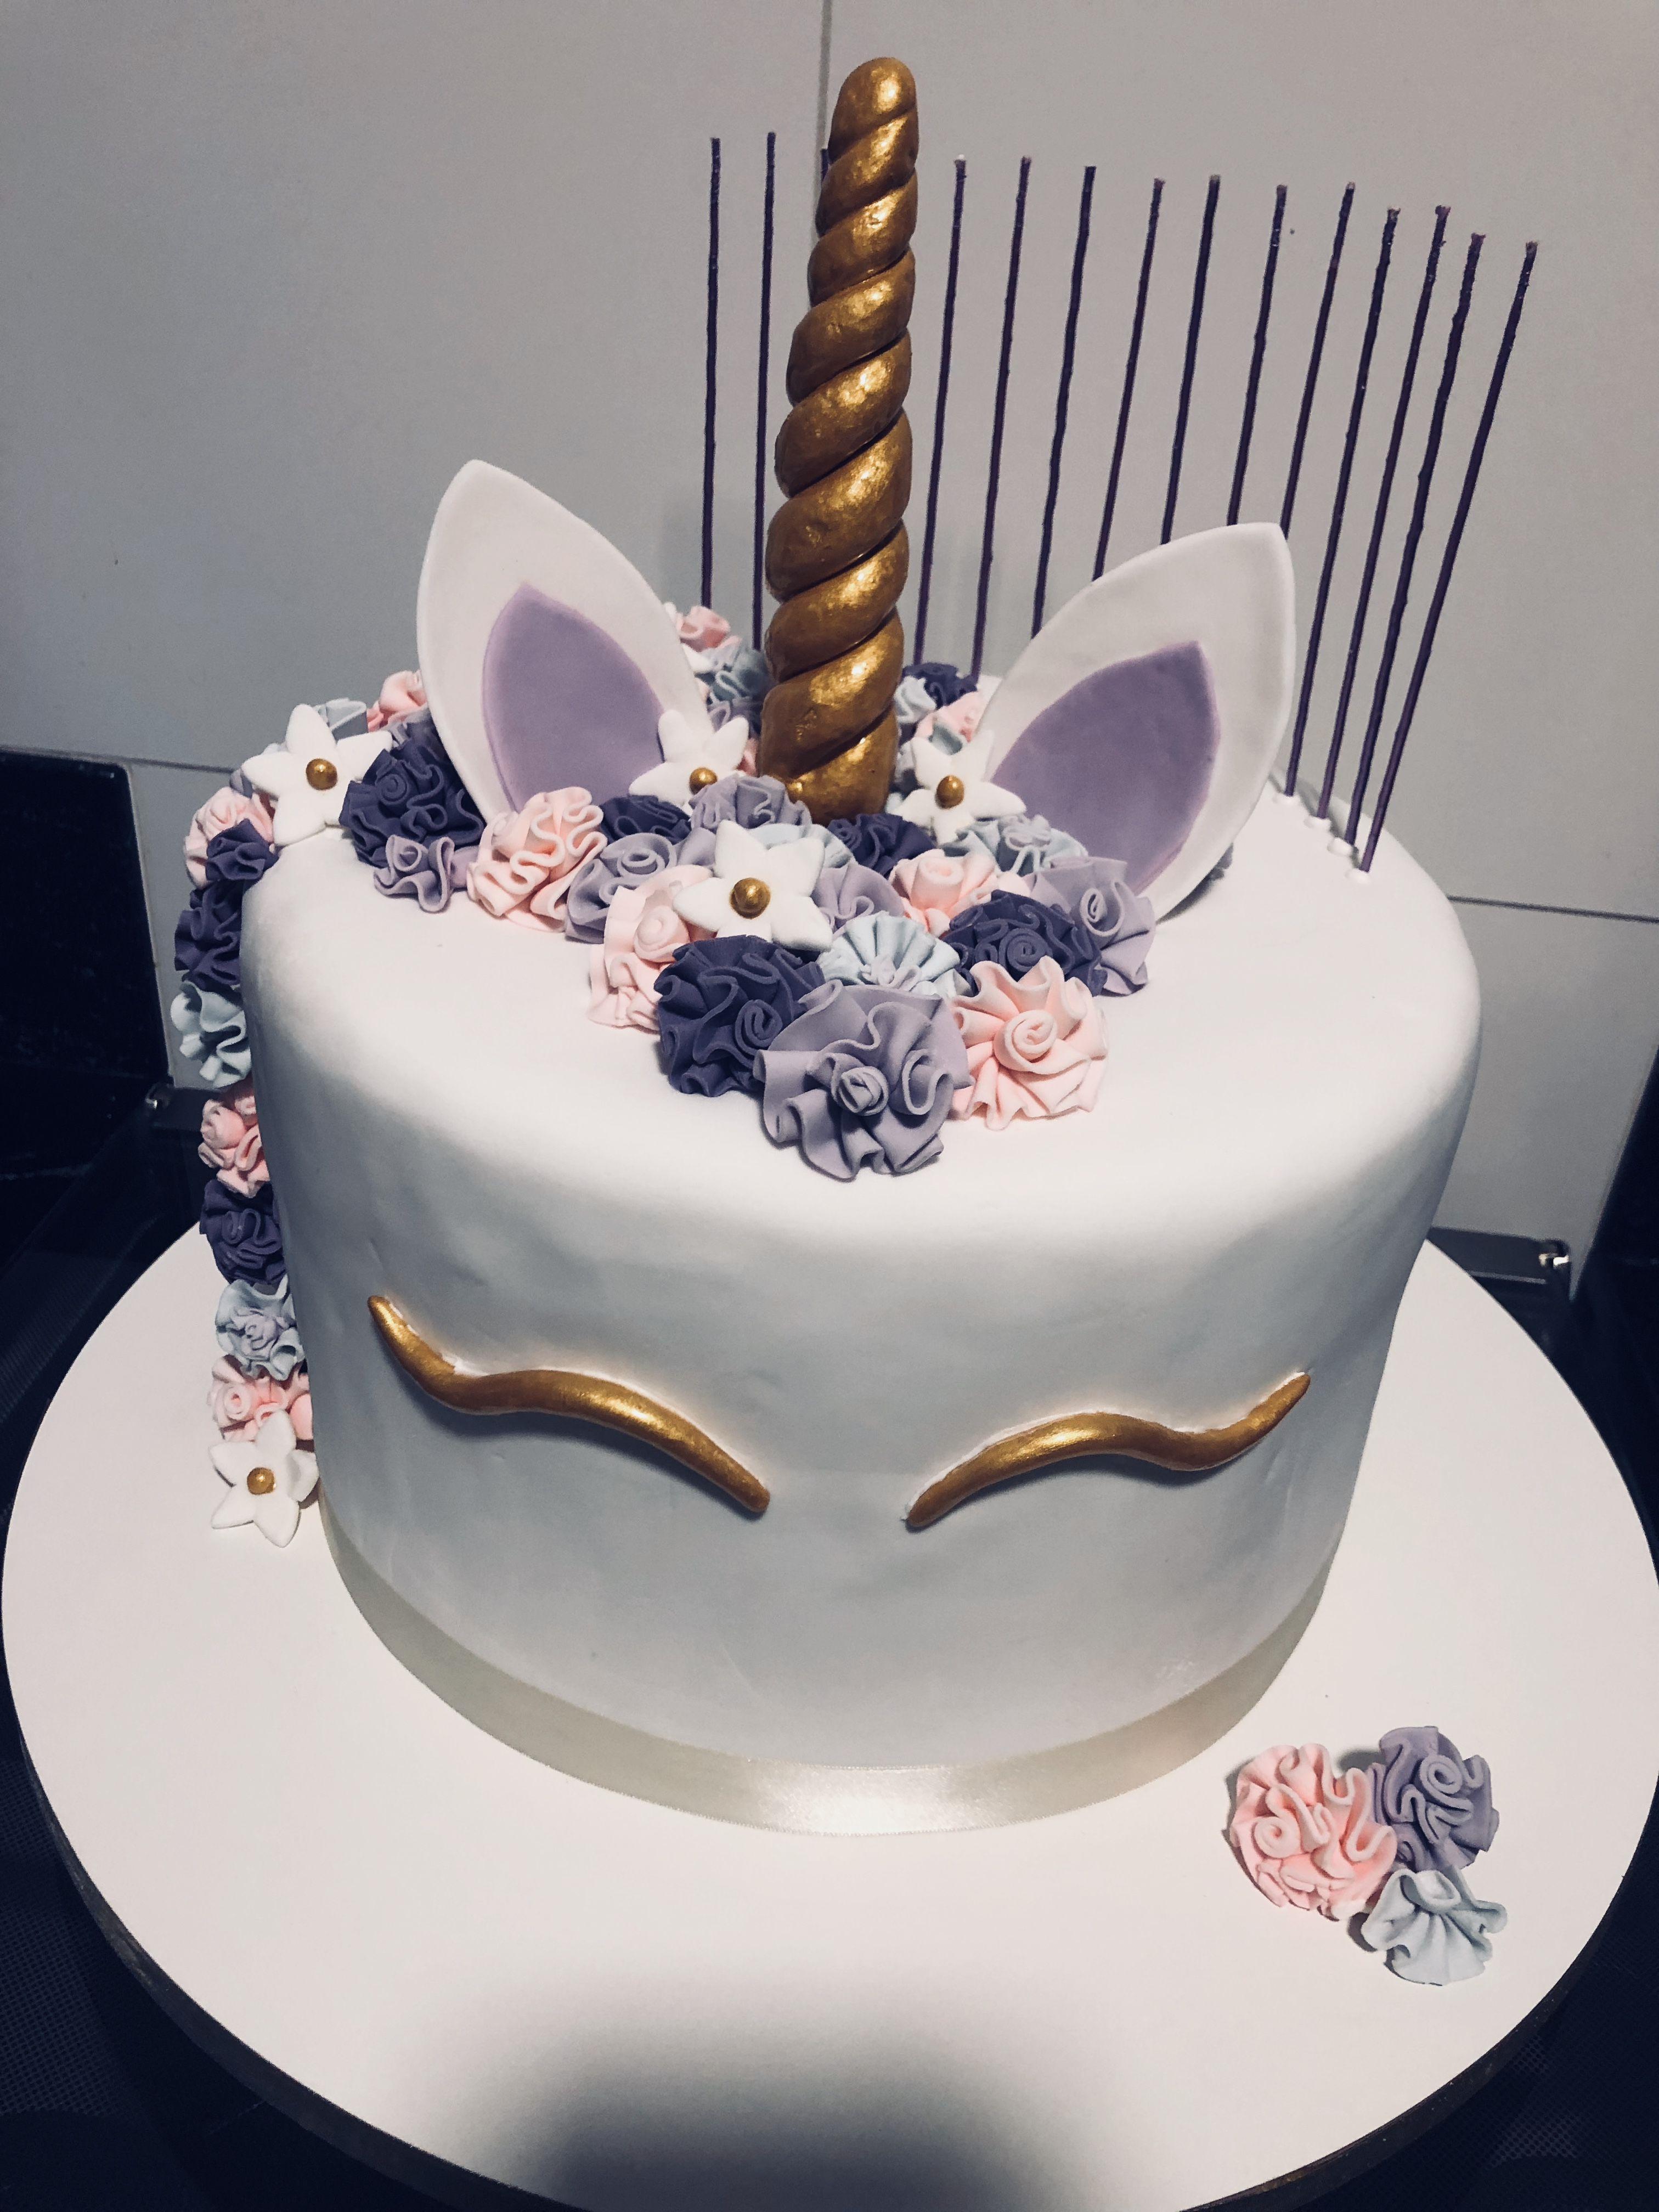 Un gâteau surtout délicieux décoré façon licorne